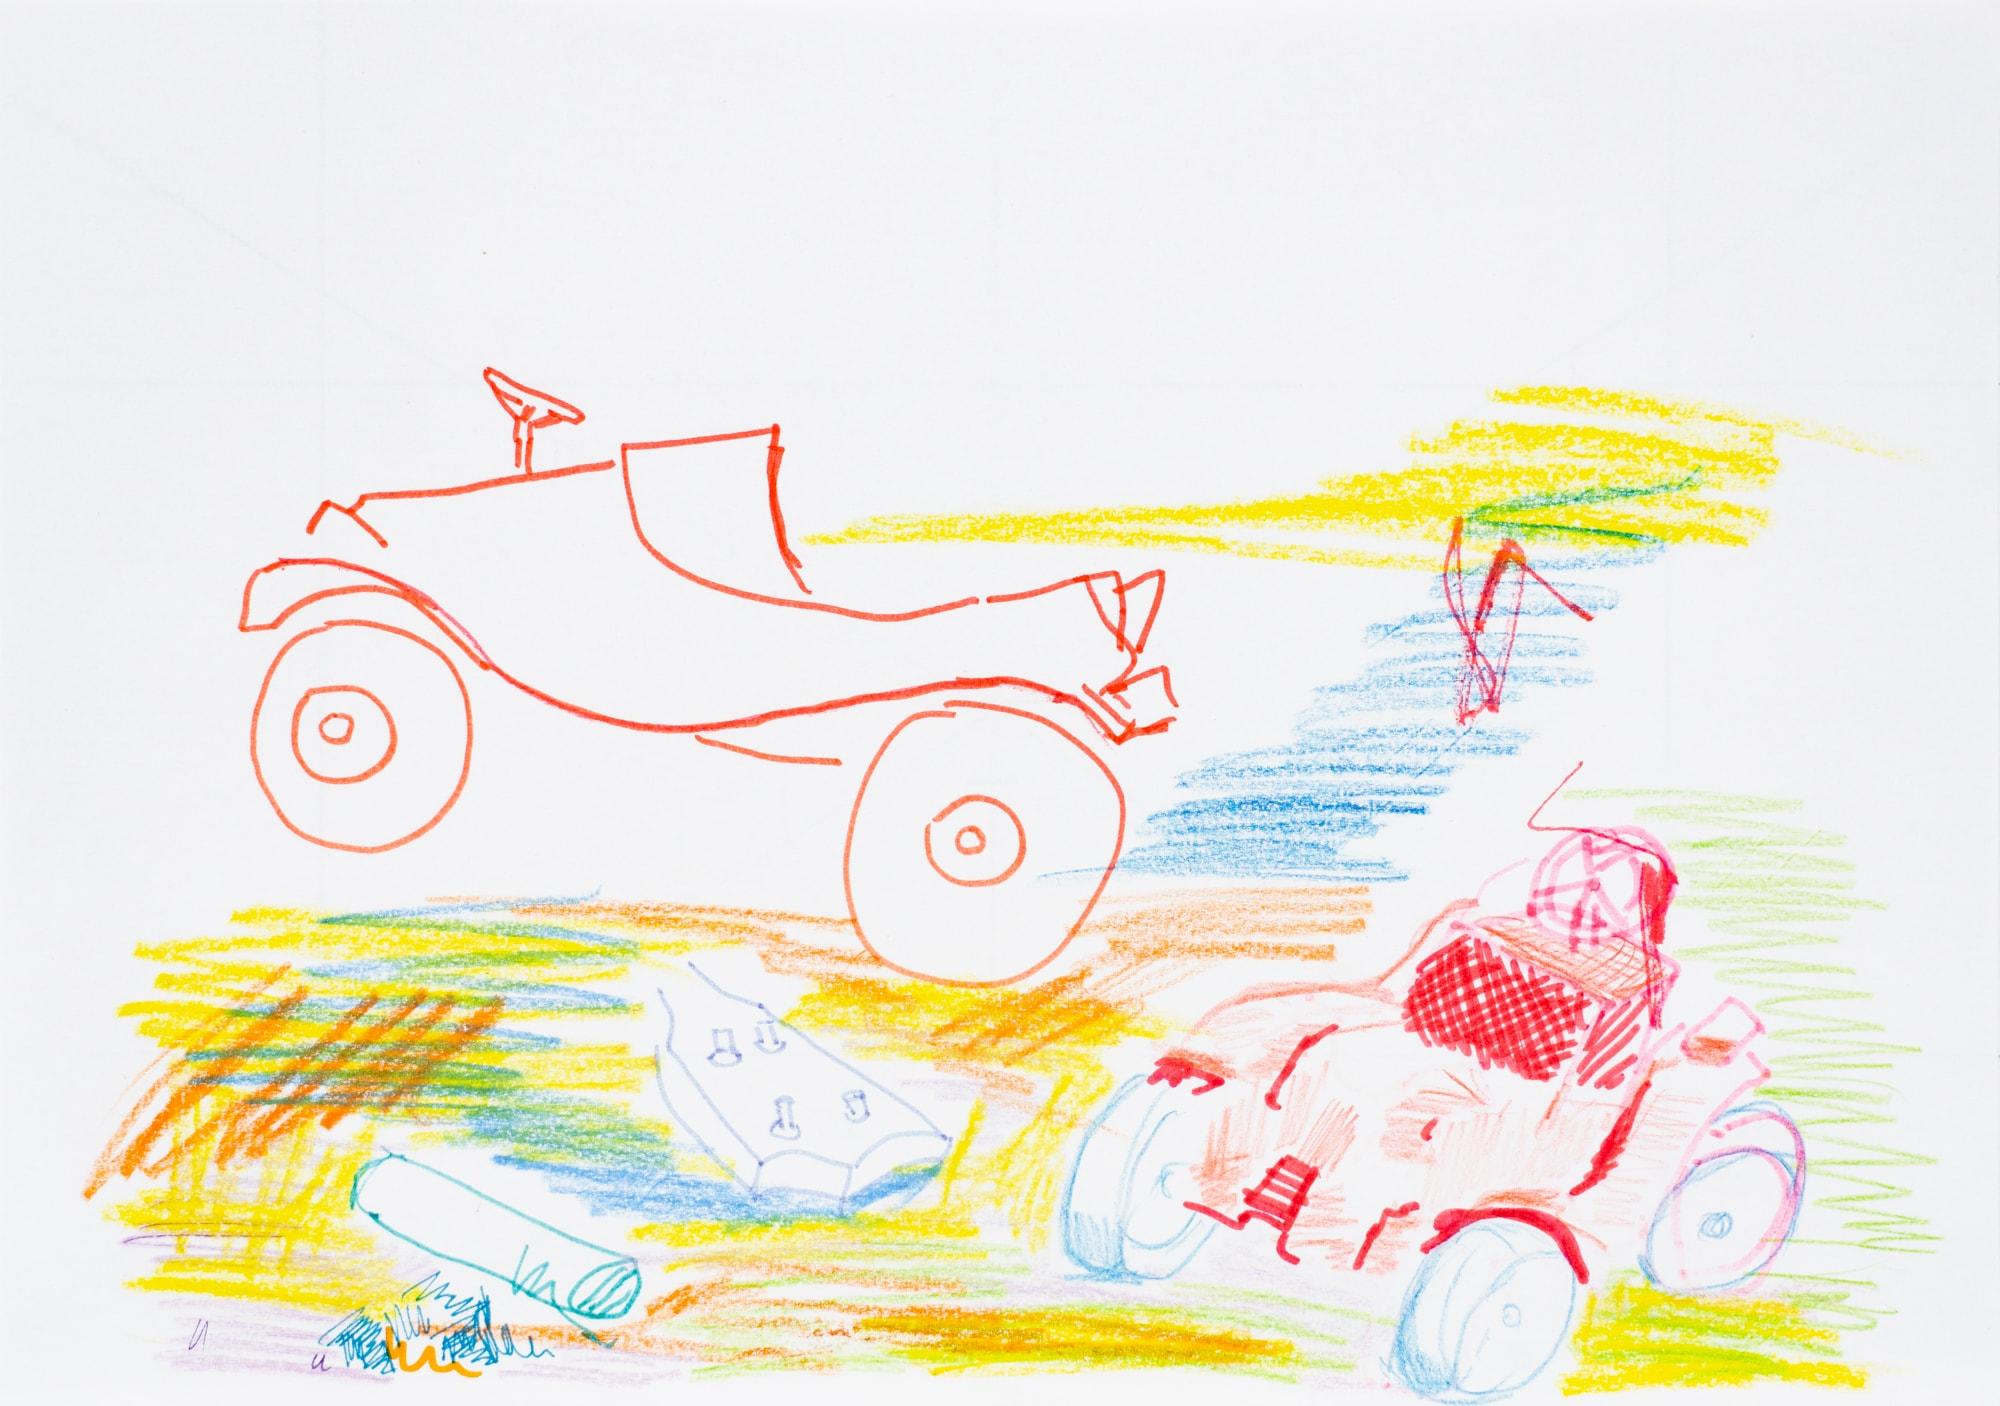 Zeichnung, Farbstift und Filzstift auf Papier, 29,7x21cm, Spielzeugauto, Künstlerin: Franziska King